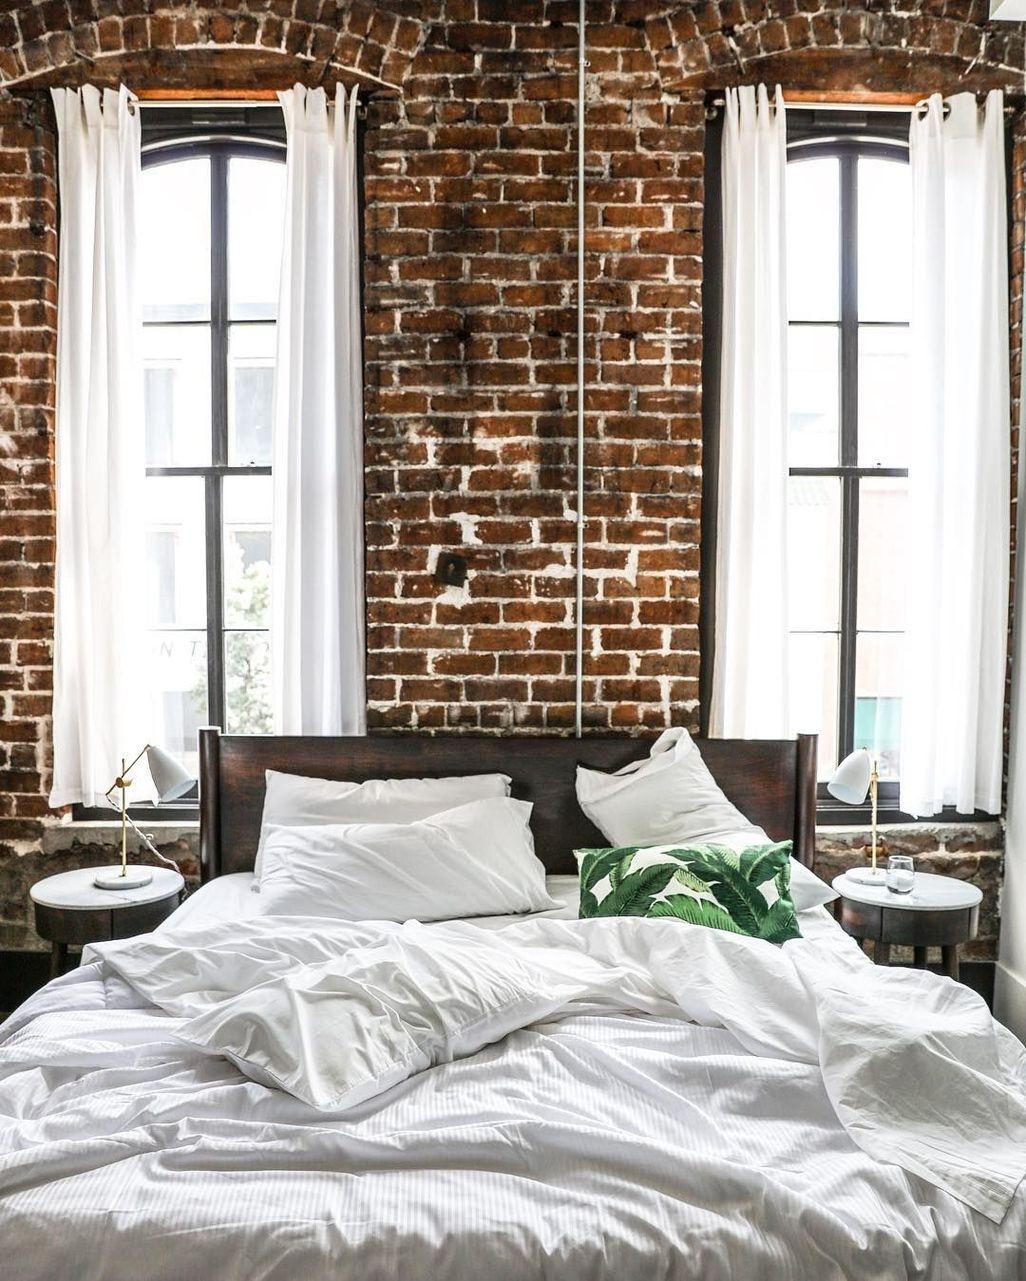 Elegant Exposed Brick Apartment Décor Ideas 11